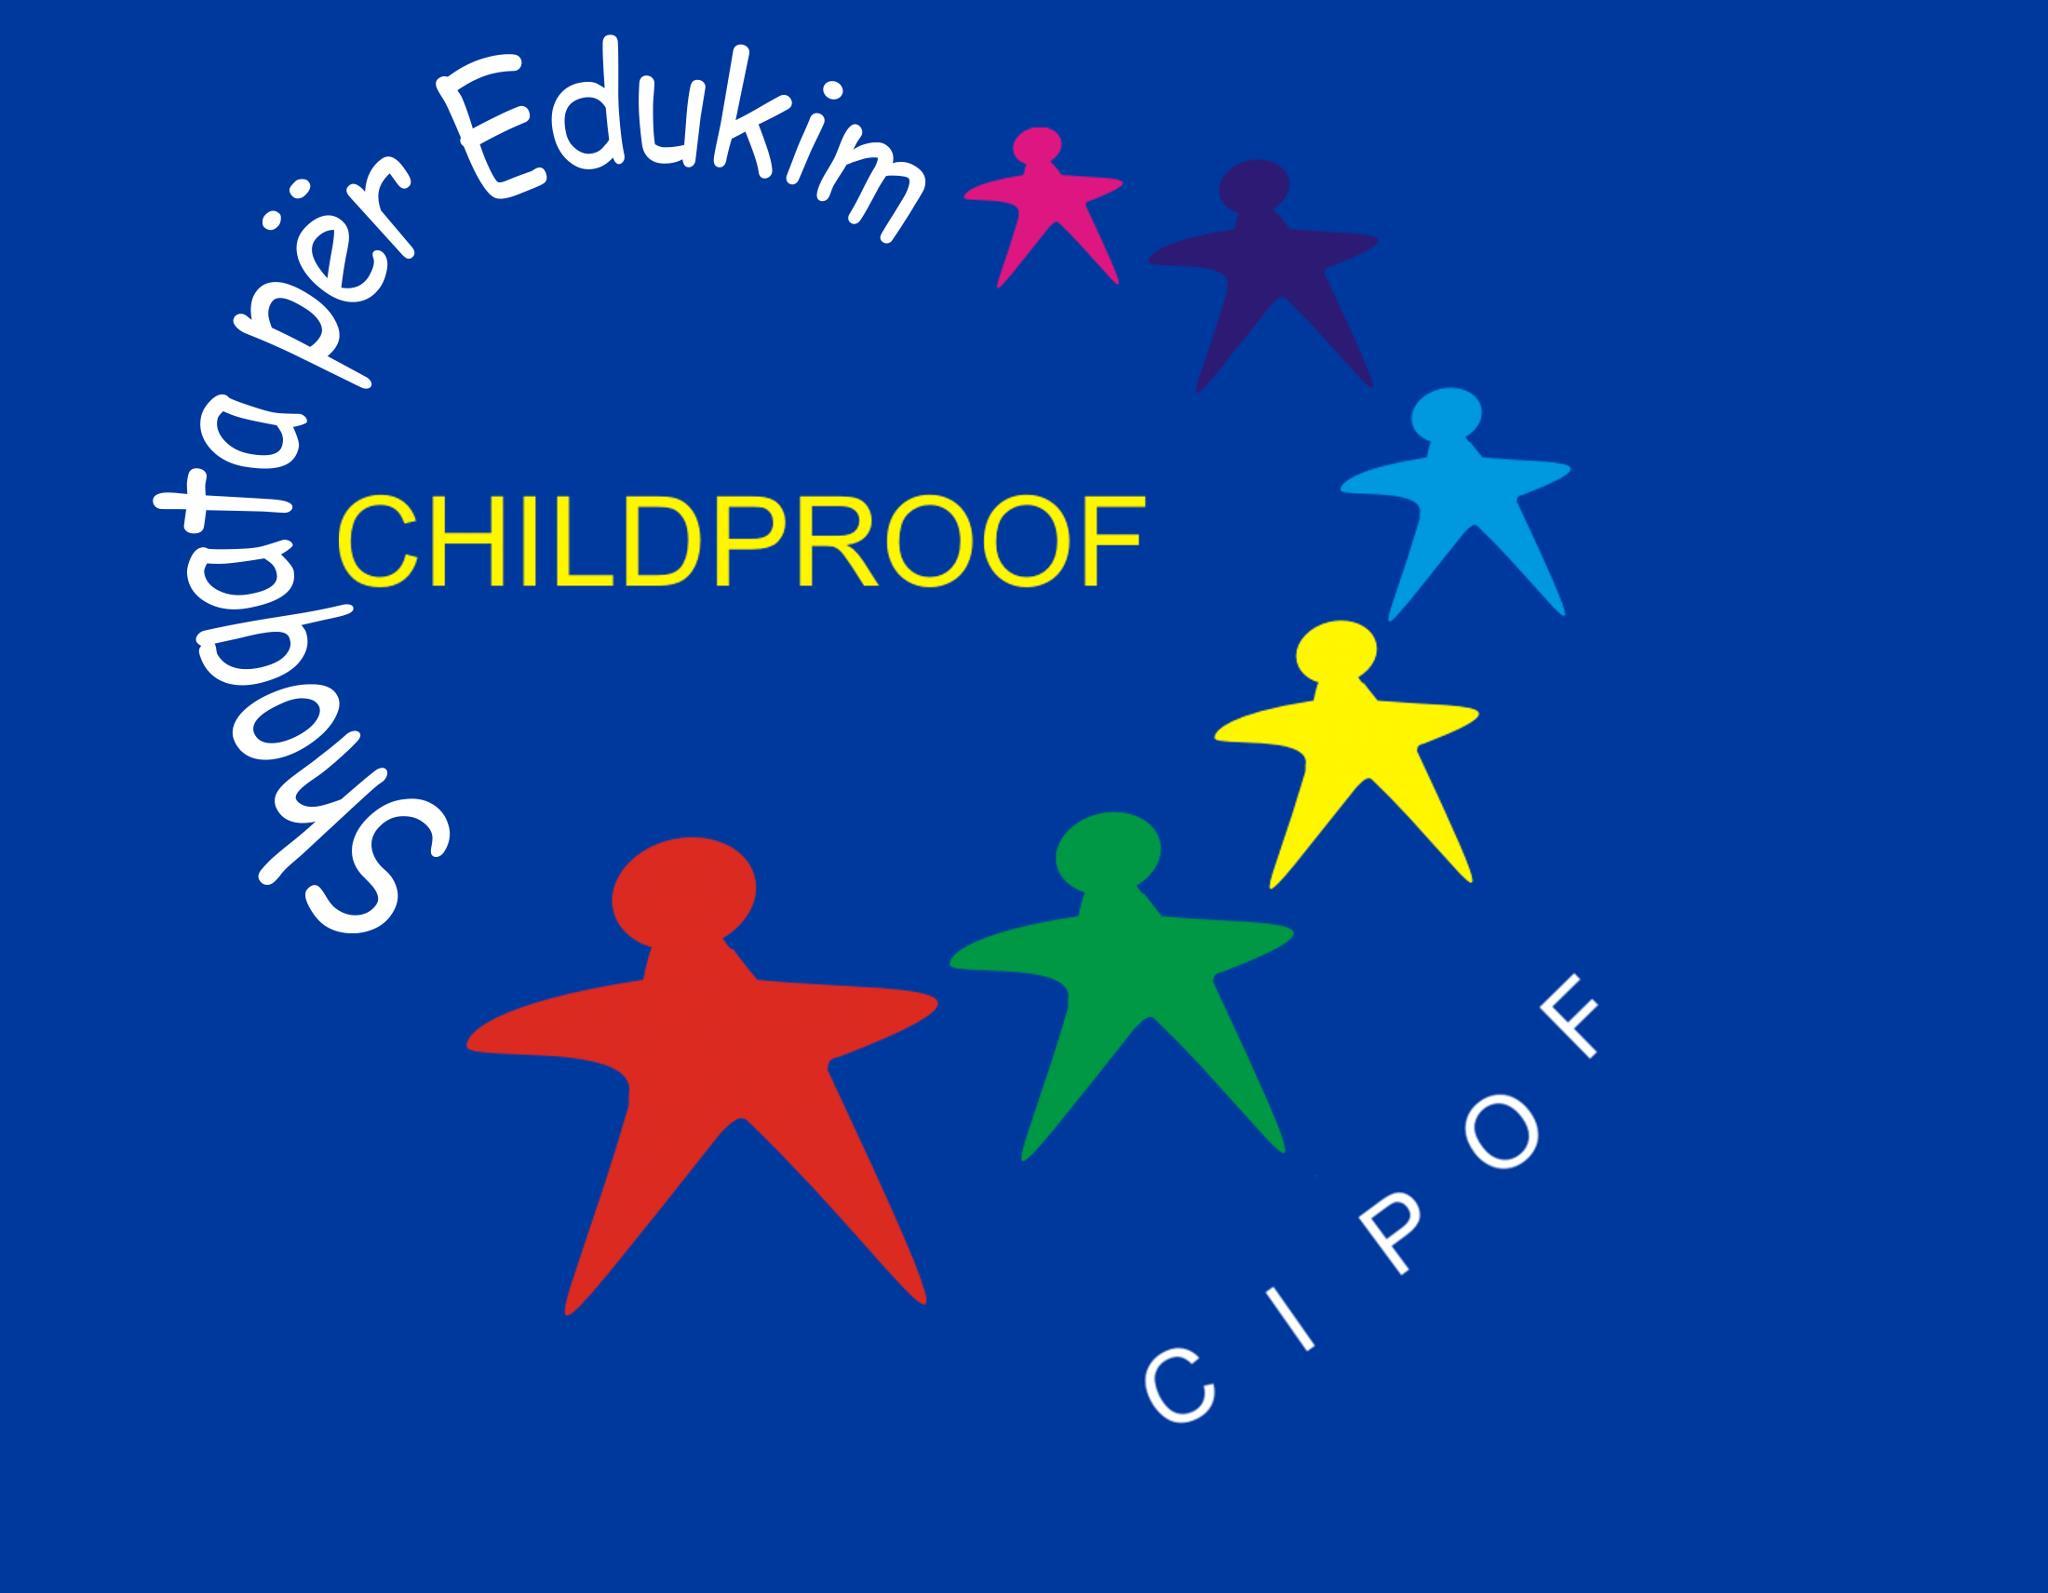 Childproof NGO